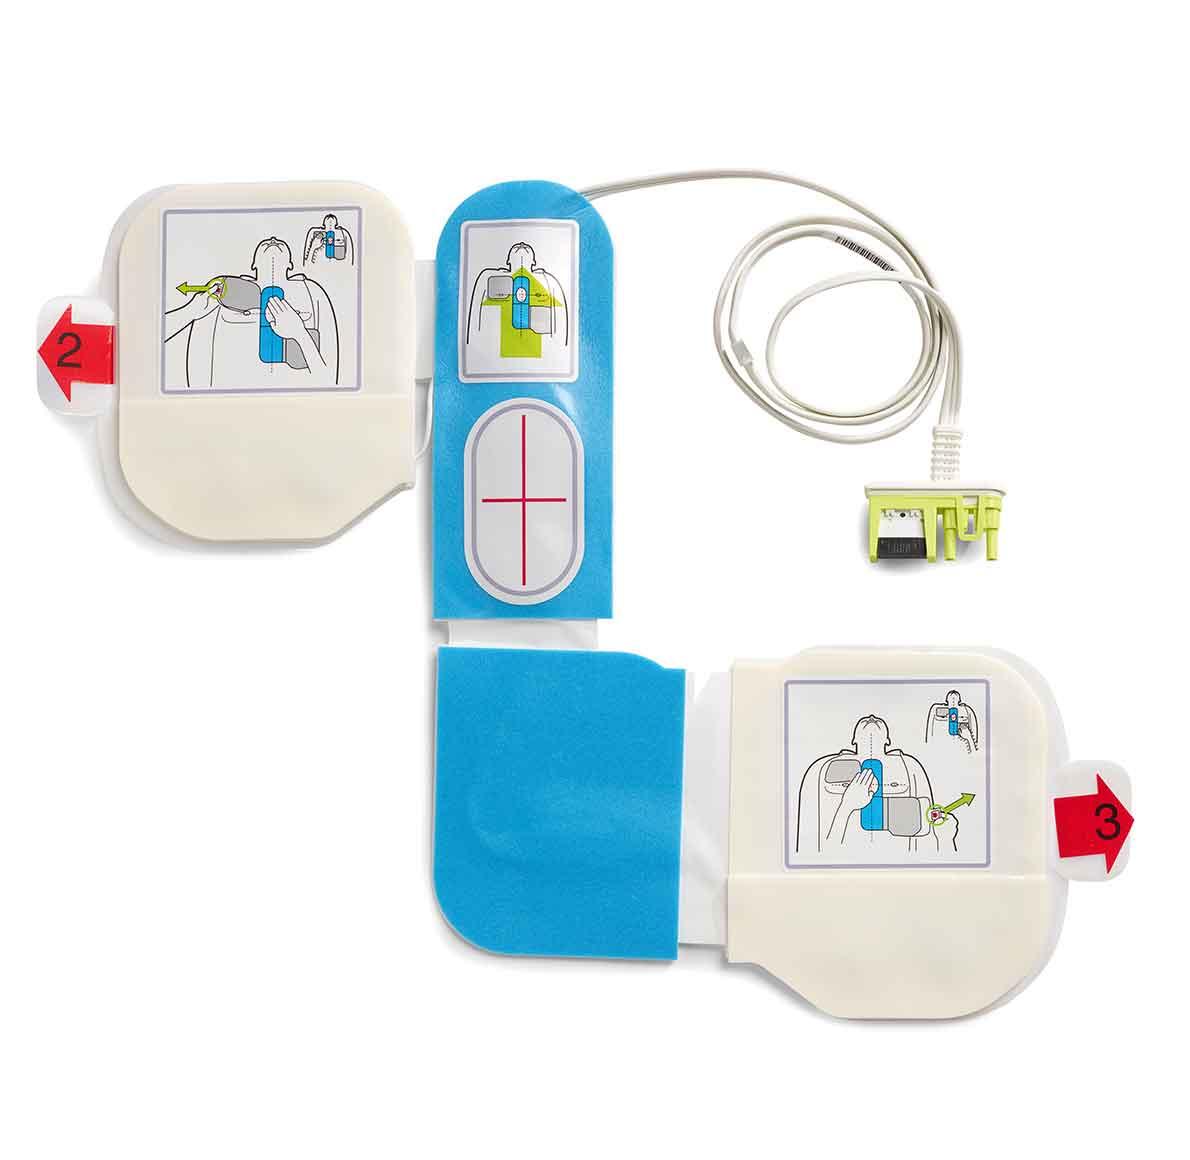 CPR-D-padz